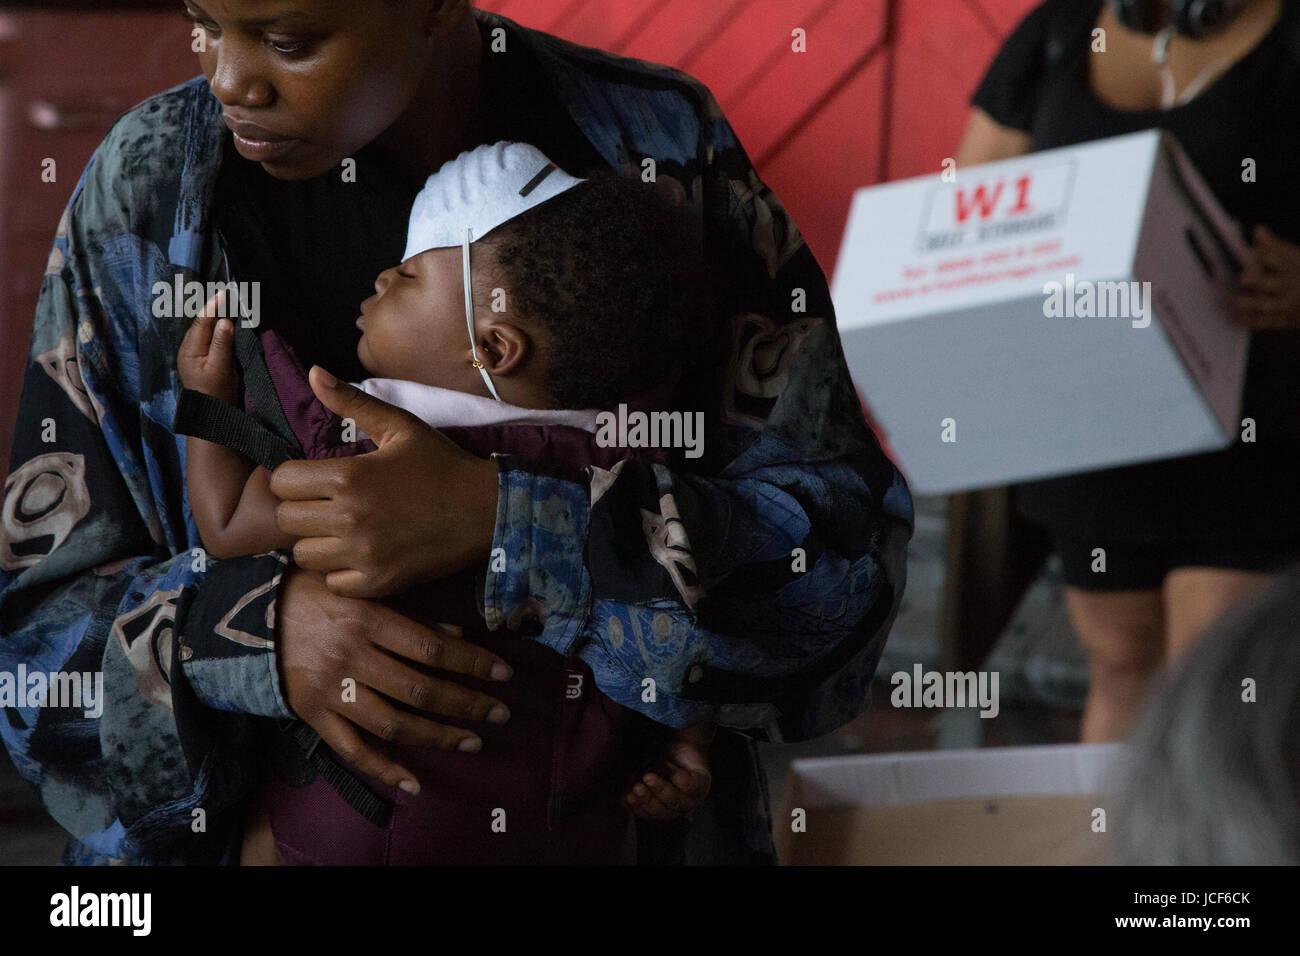 London, UK. 15. Juni 2017. Eine Frau hält ihr Kind wie sie Freiwillige Sortierung durch gespendete Kleidung am 15. Stockfoto